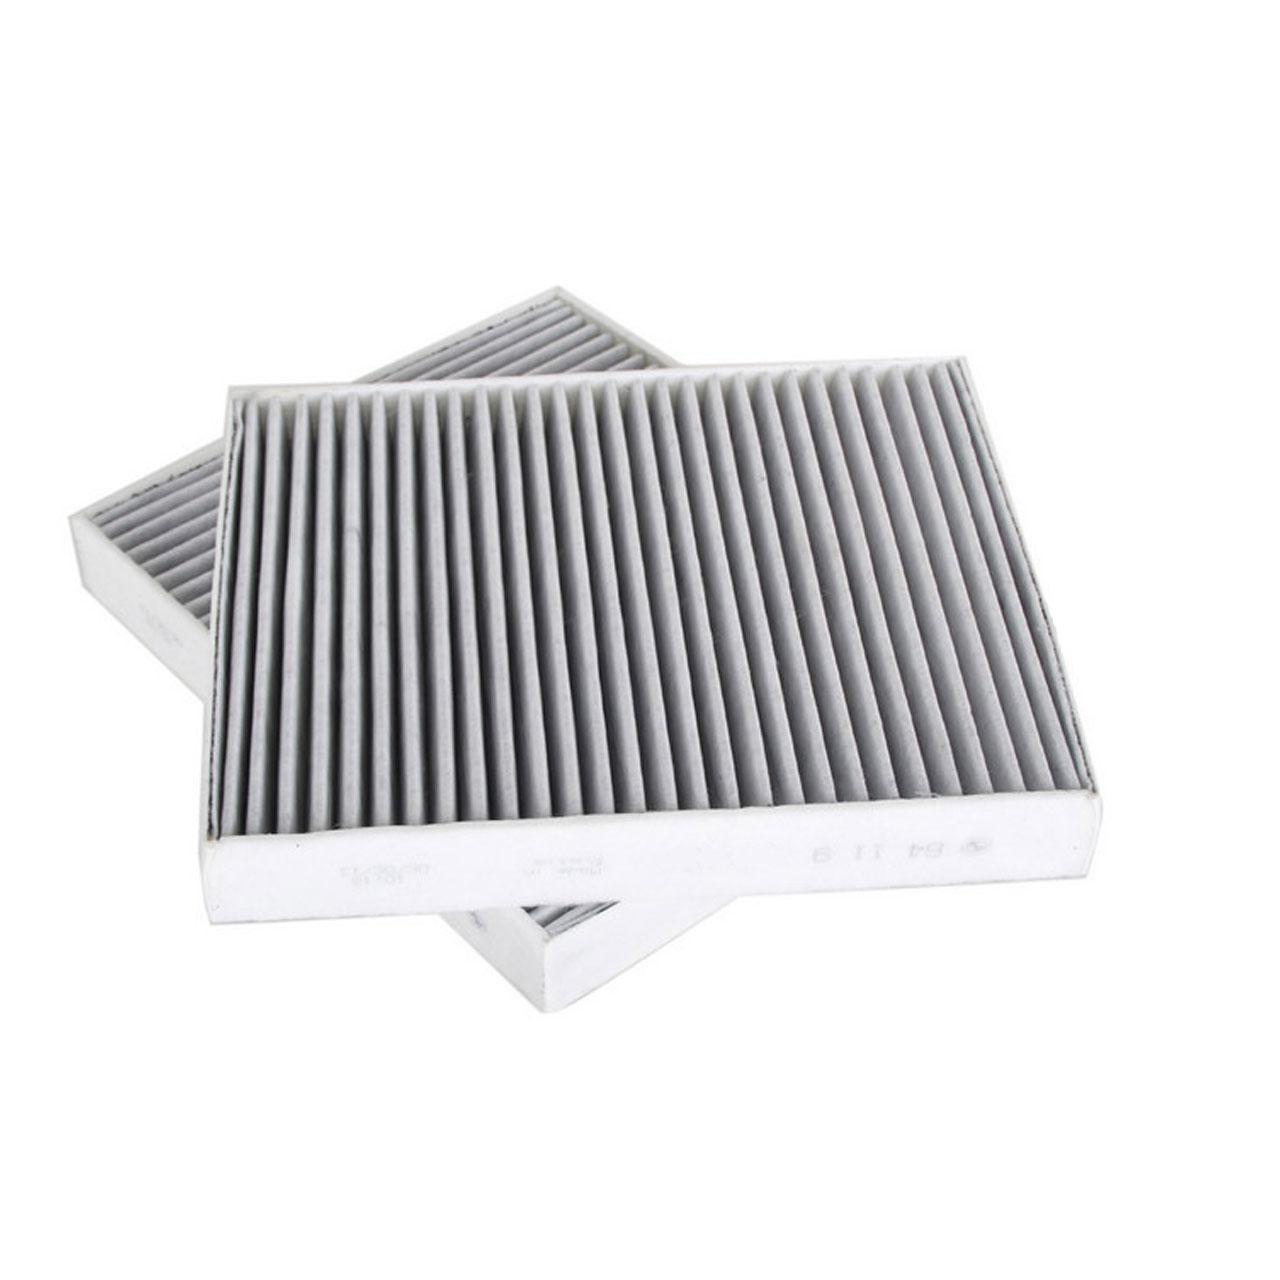 فیلتر کابین خودرو بی ام دبلیو مدل 528i مناسب برای بی ام دبلیو 528i بسته 2 عددی